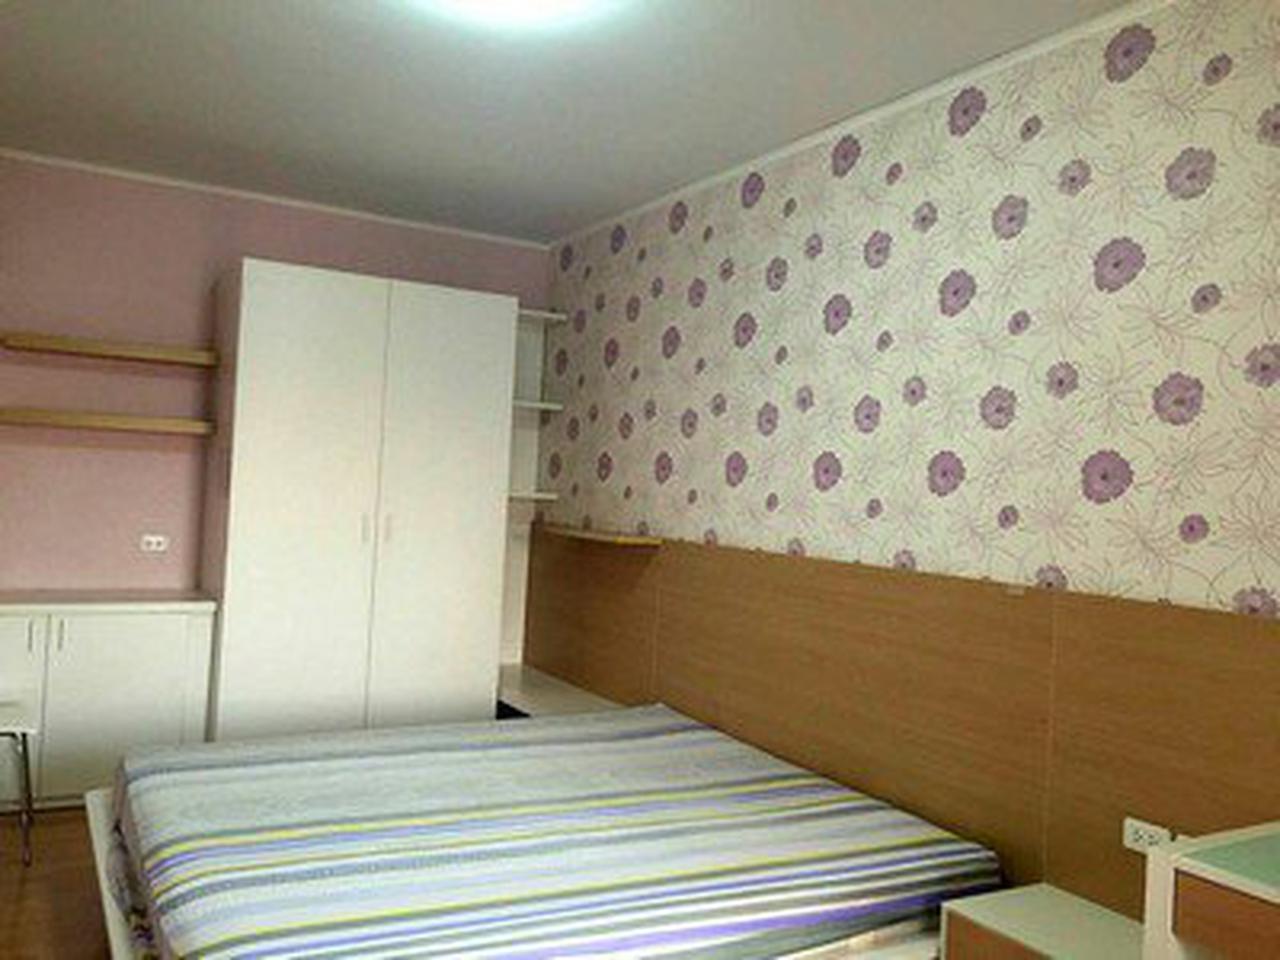 ขาย คอนโด city home รัชดา-ปิ่นเกล้า ราคาถูก รูปที่ 6